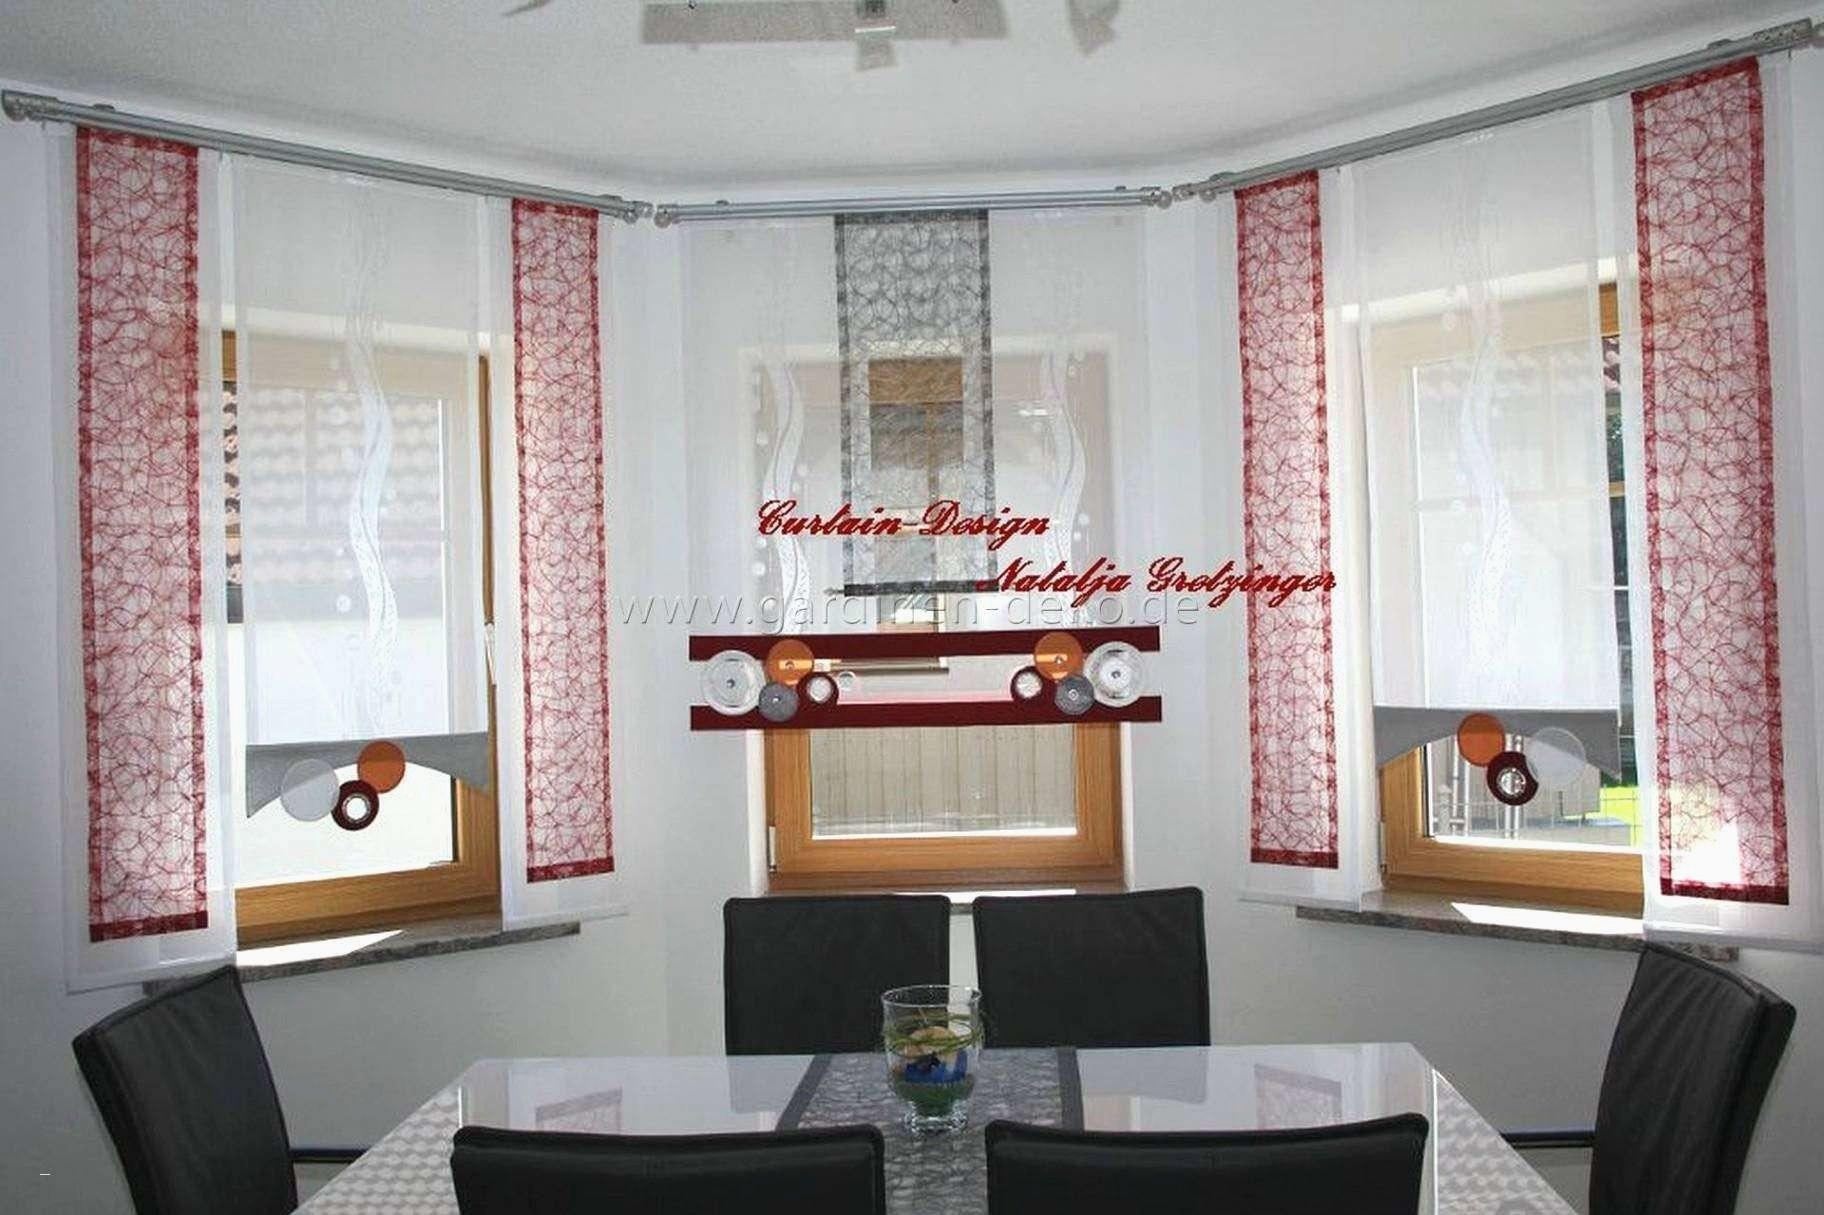 Full Size of Gardinen Wohnzimmer Modern Relaxliege Deckenleuchten Fototapete Kamin Bilder Fürs Großes Bild Küche Decke Wandbild Lampen Deckenlampen Schlafzimmer Wohnzimmer Gardinen Dekorationsvorschläge Wohnzimmer